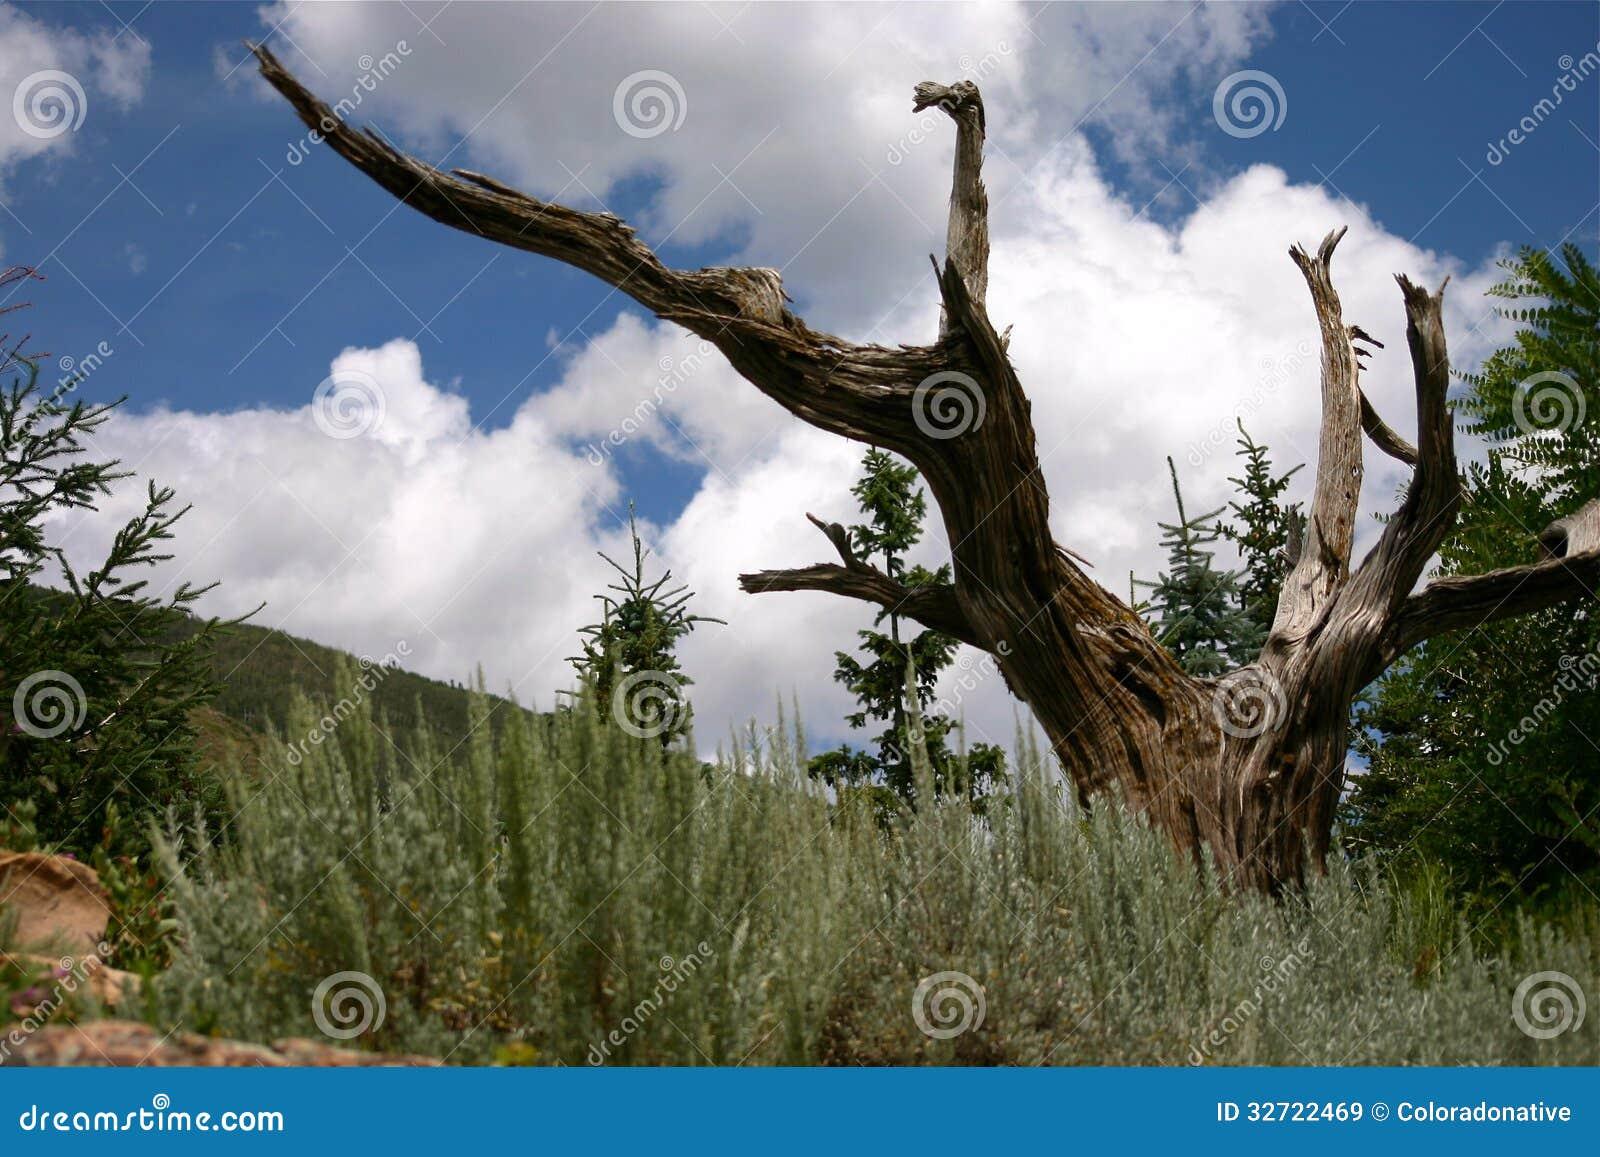 Arbre mort dans un jardin de montagne image stock image 32722469 - Jardin de montagne ...